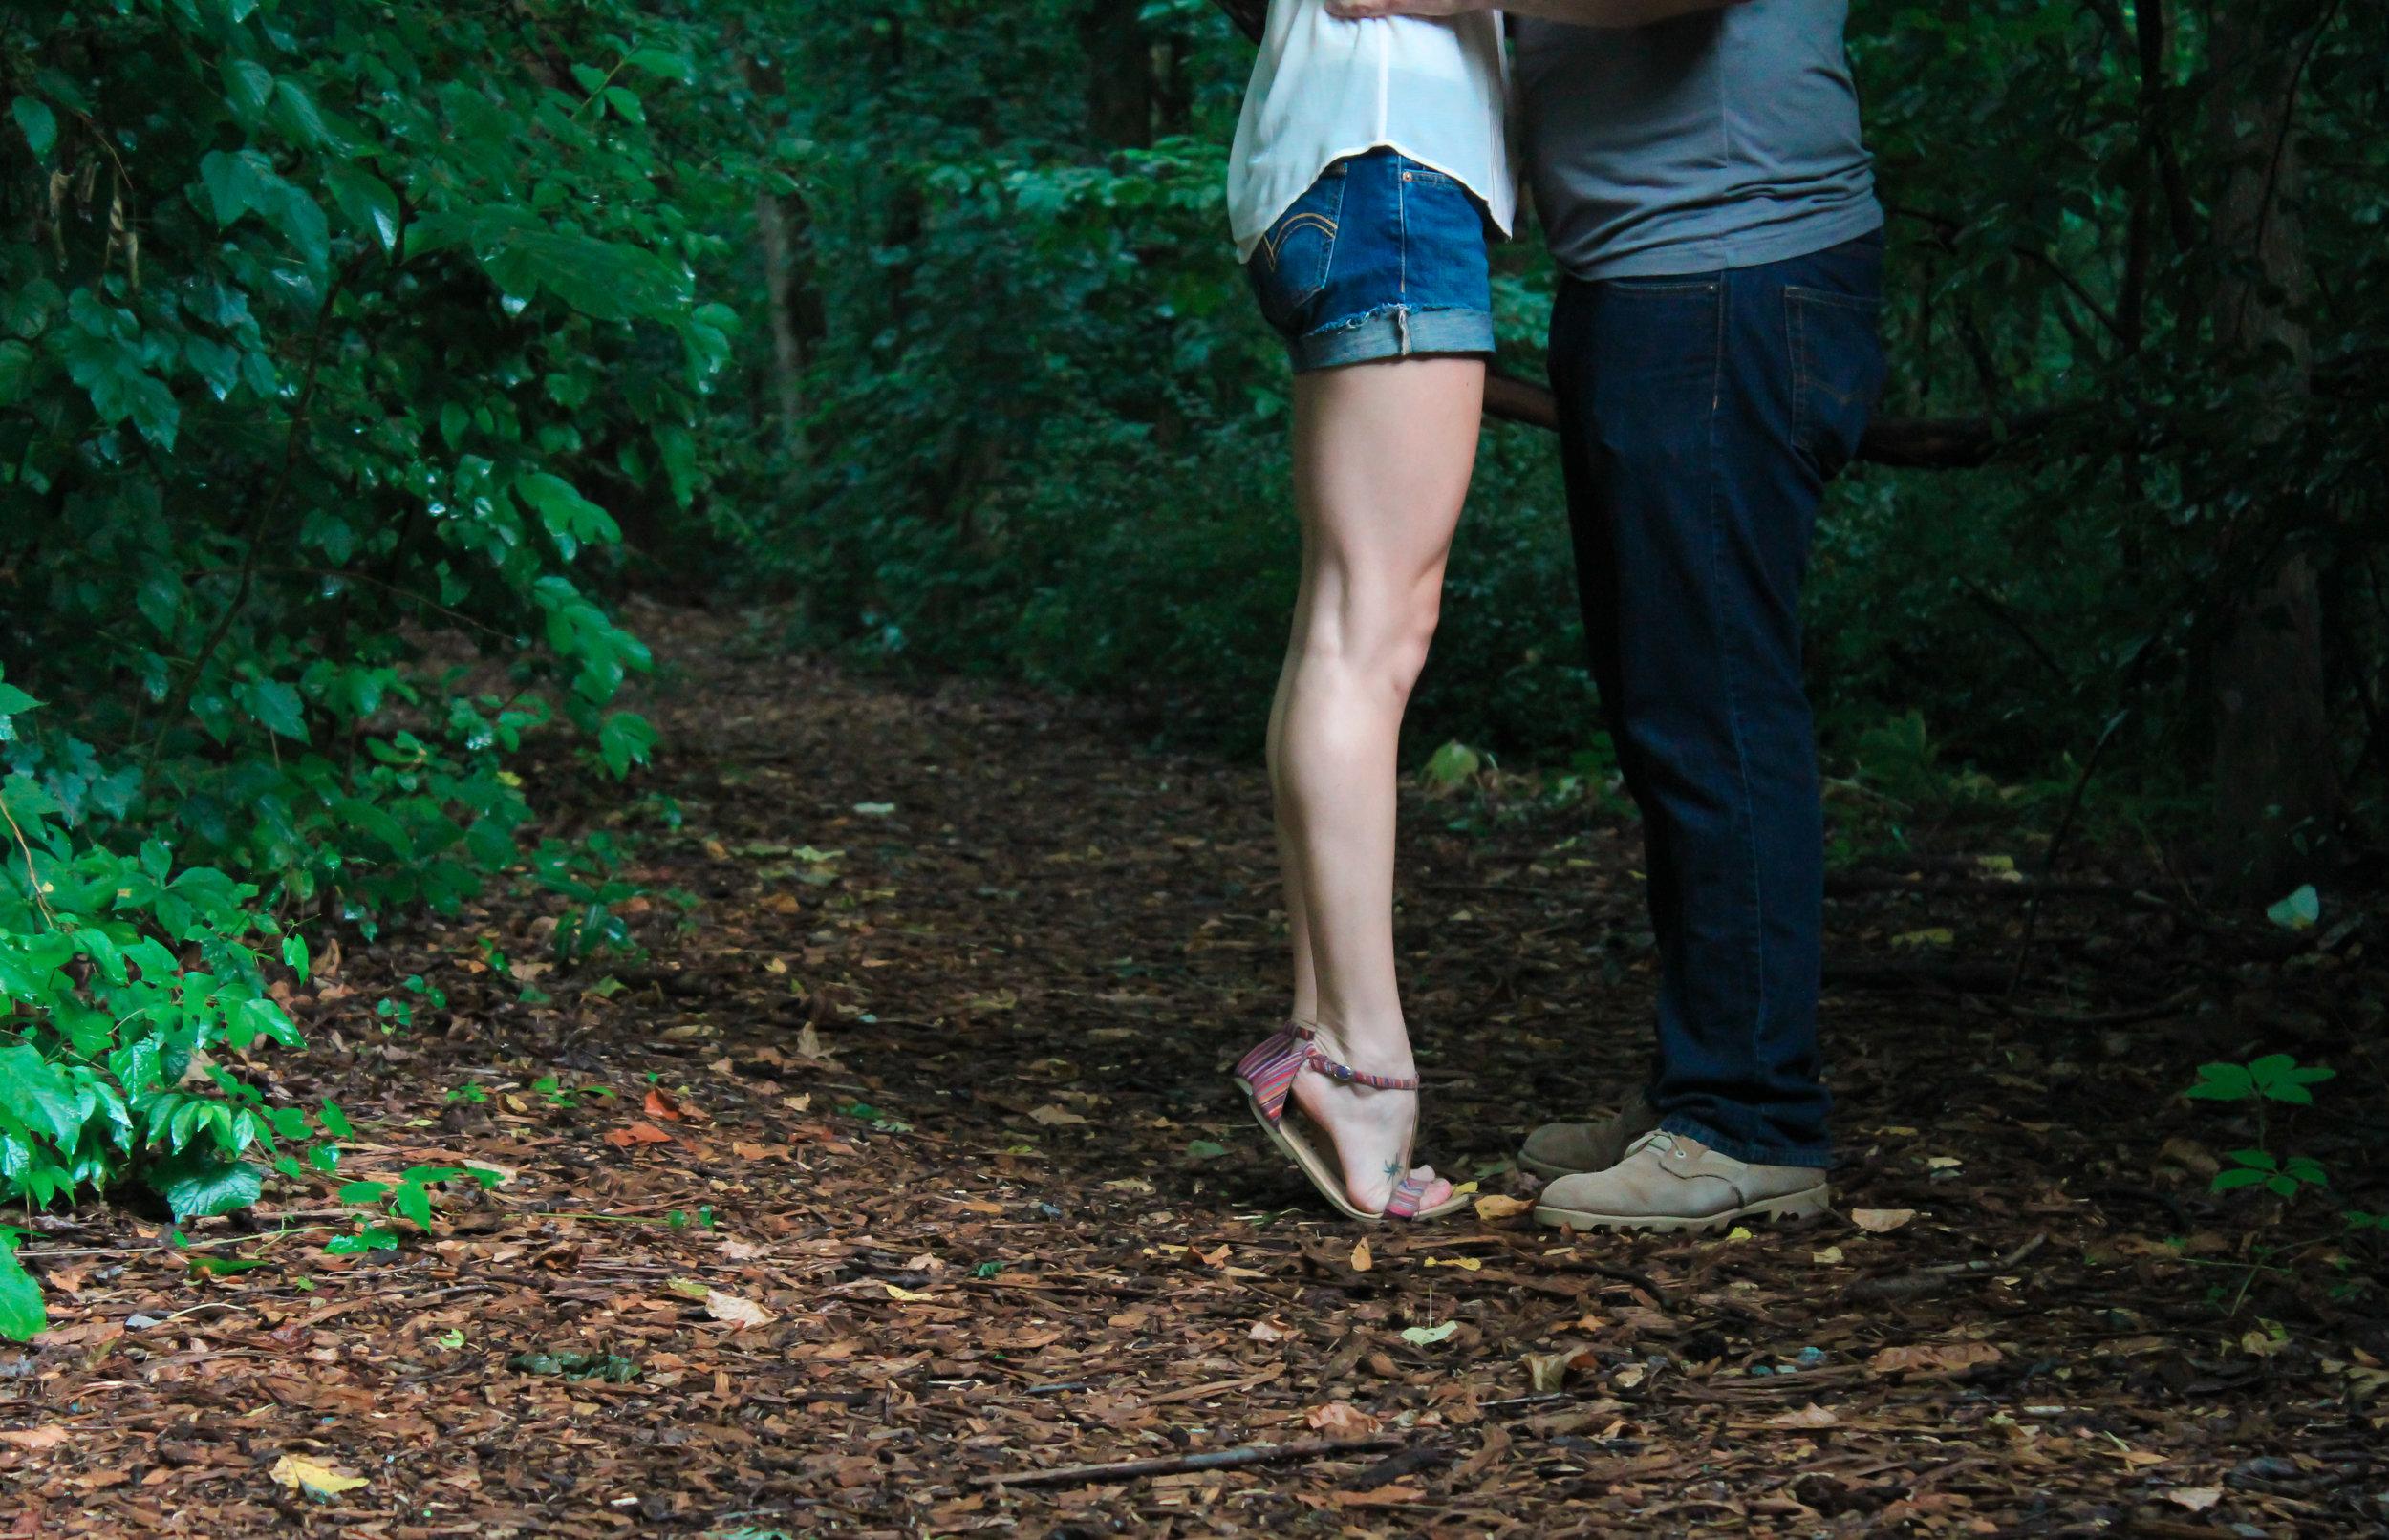 couples-retreat-workshop-austin-tx.jpeg